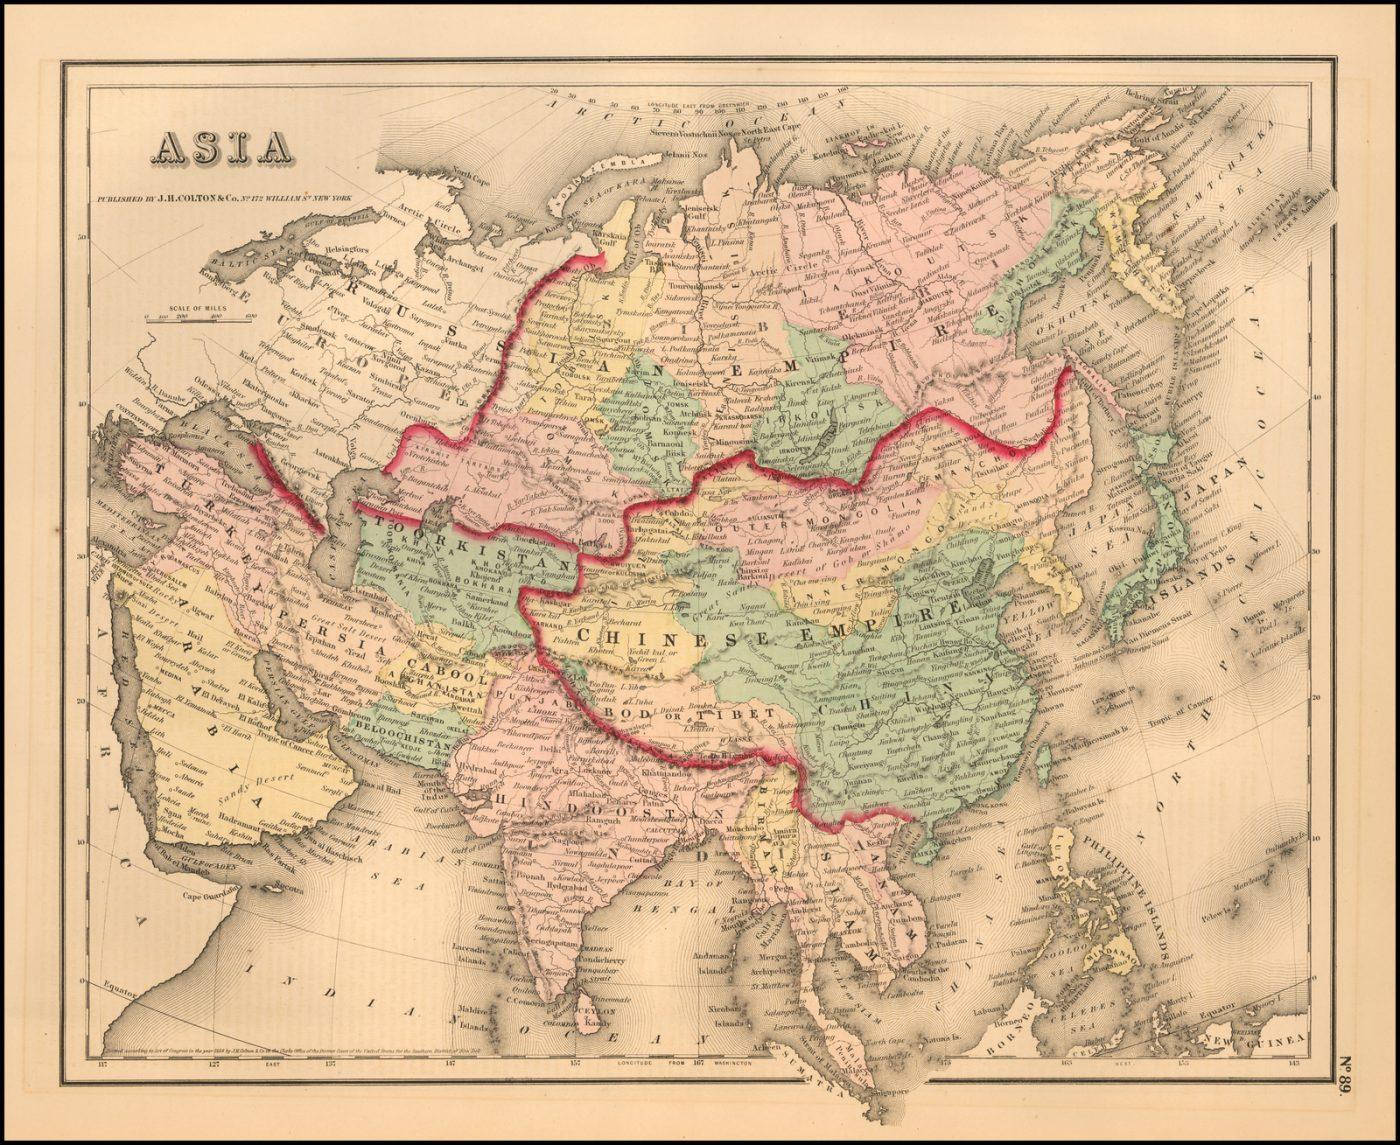 Подробная карта Азиатского континента, раскрашенная по странам и провинциям